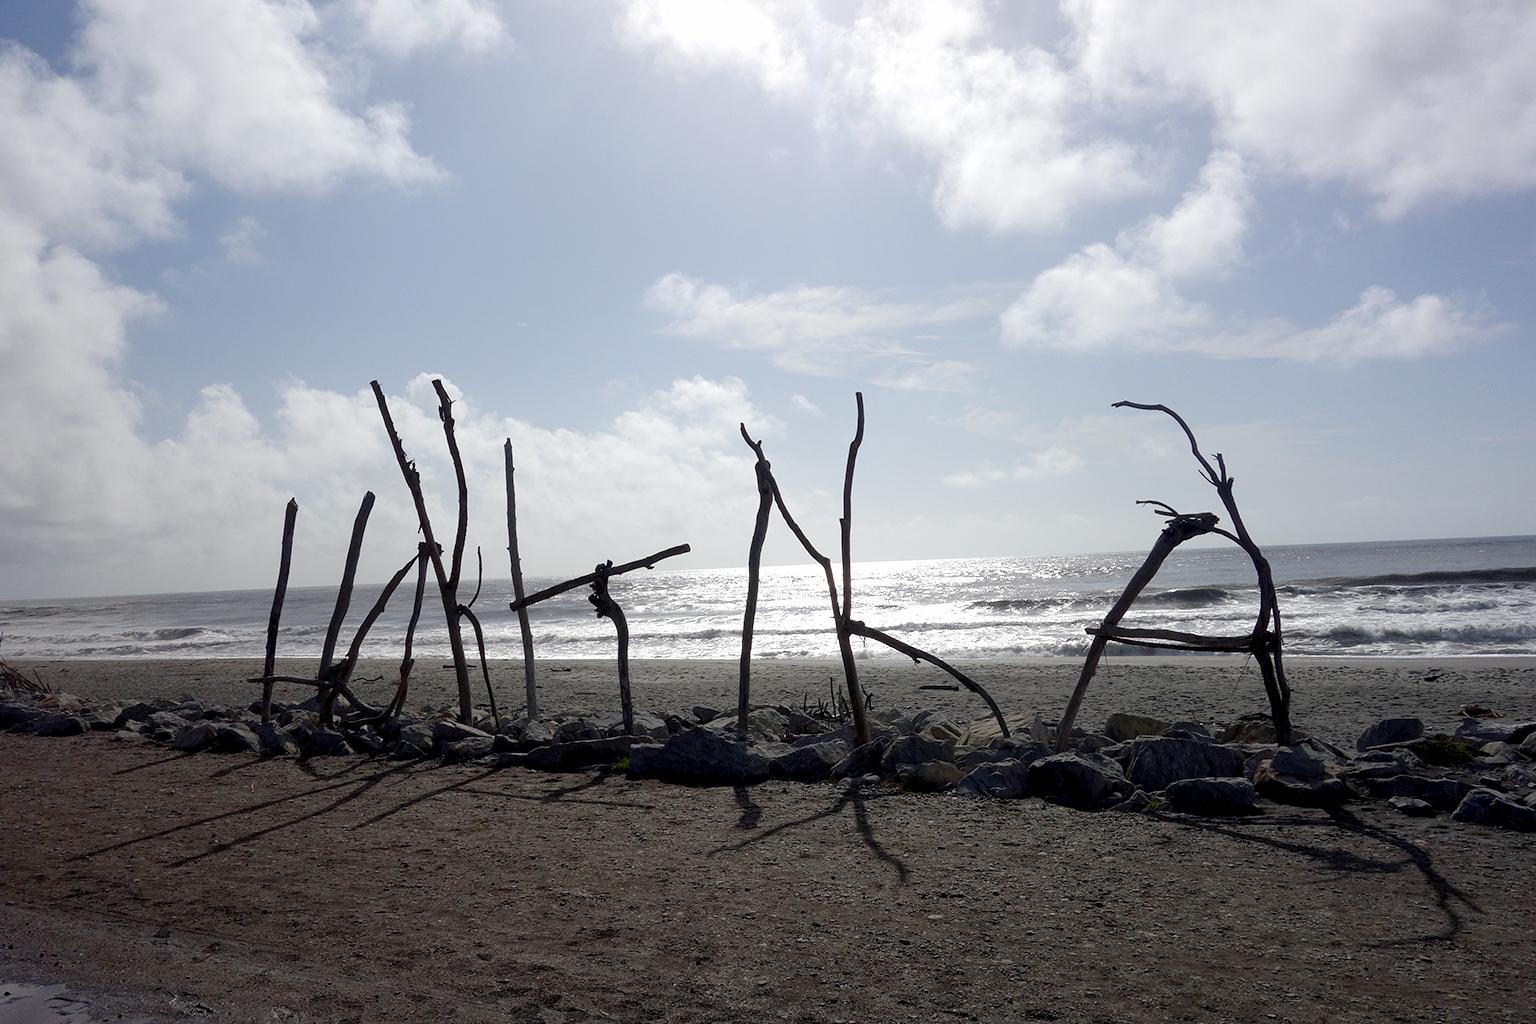 Hokitka's famous driftwood